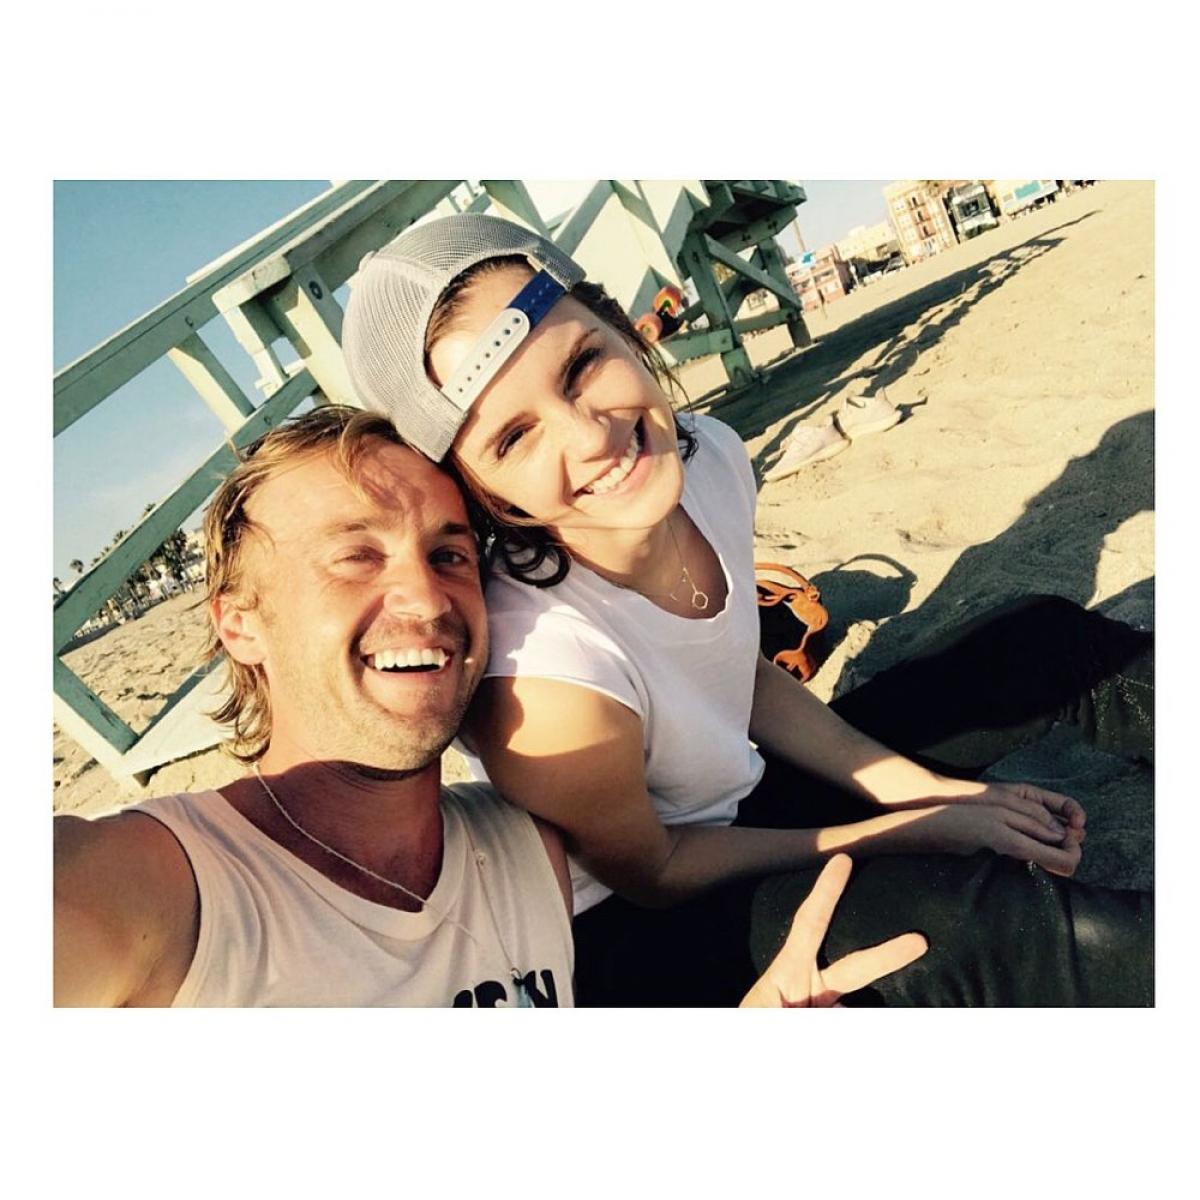 """Tháng 11/2018, Emma Watson chia sẻ một bức ảnh tự sướng trên bãi biển với Felton, để quảng bá cho chương trình Origin trên Youtube của nam diễn viên. Cô viết: """"Chúc mừng bạn yêu""""."""